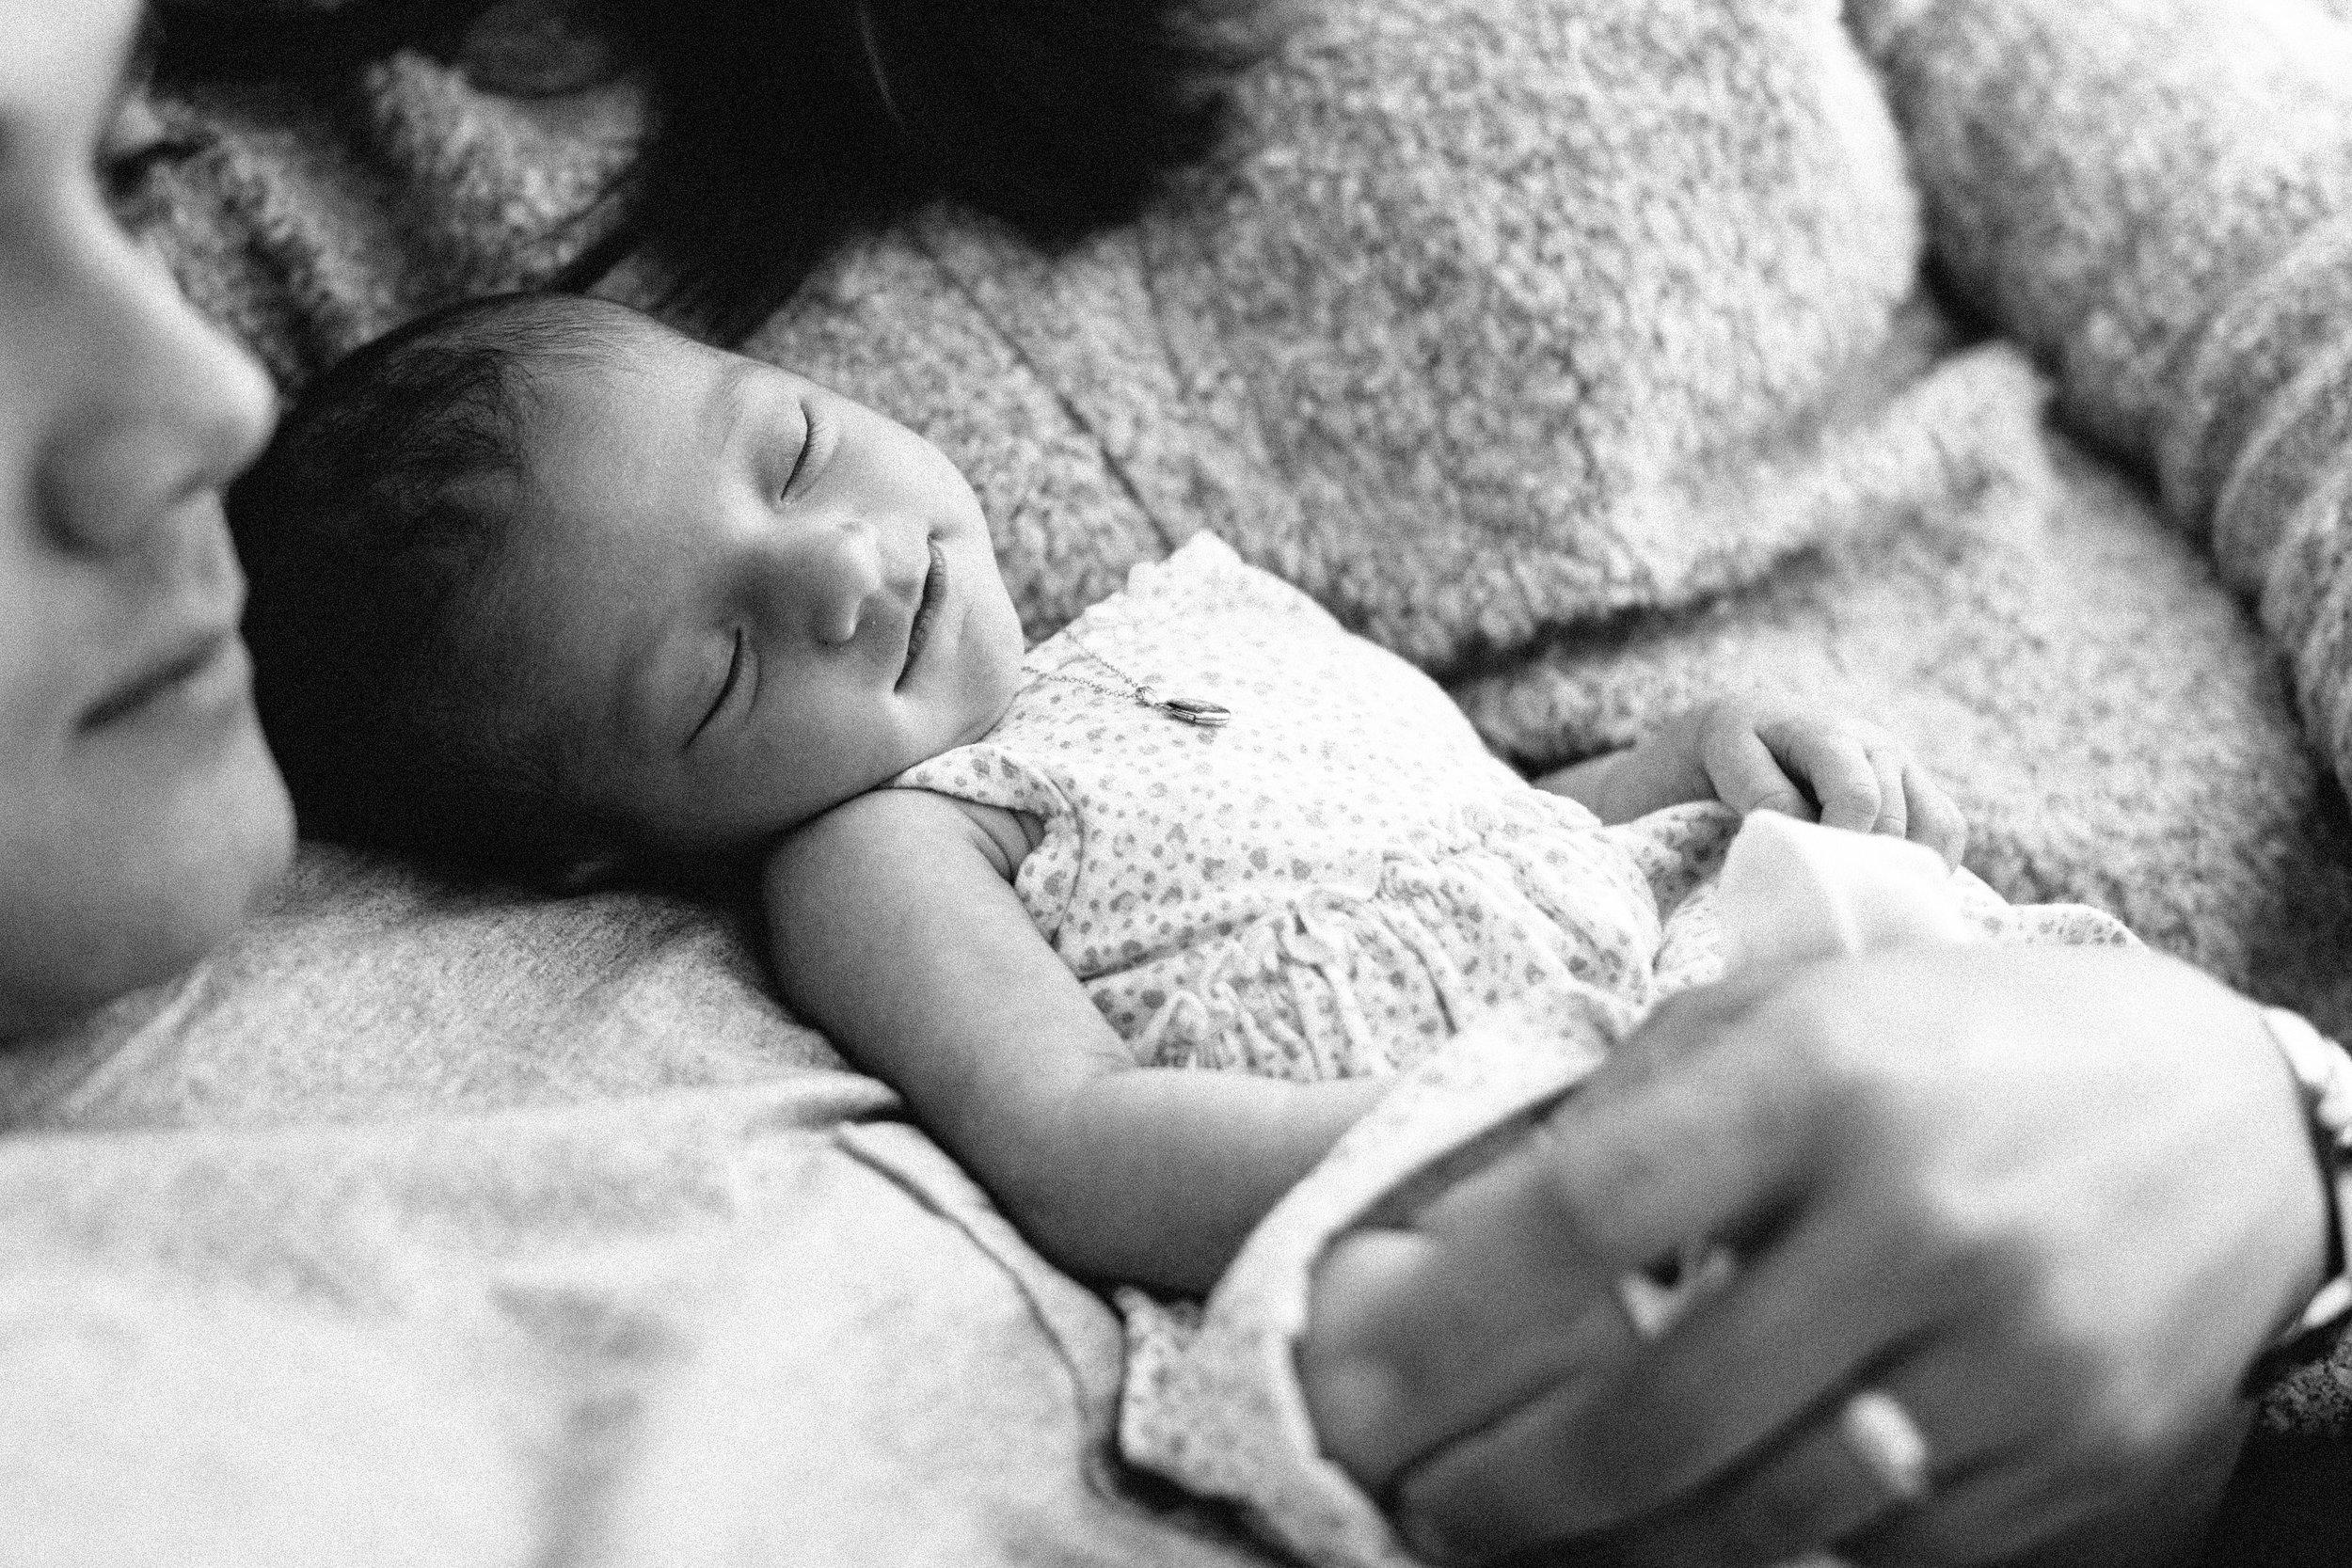 swp_ulm_newborn_0020.jpg